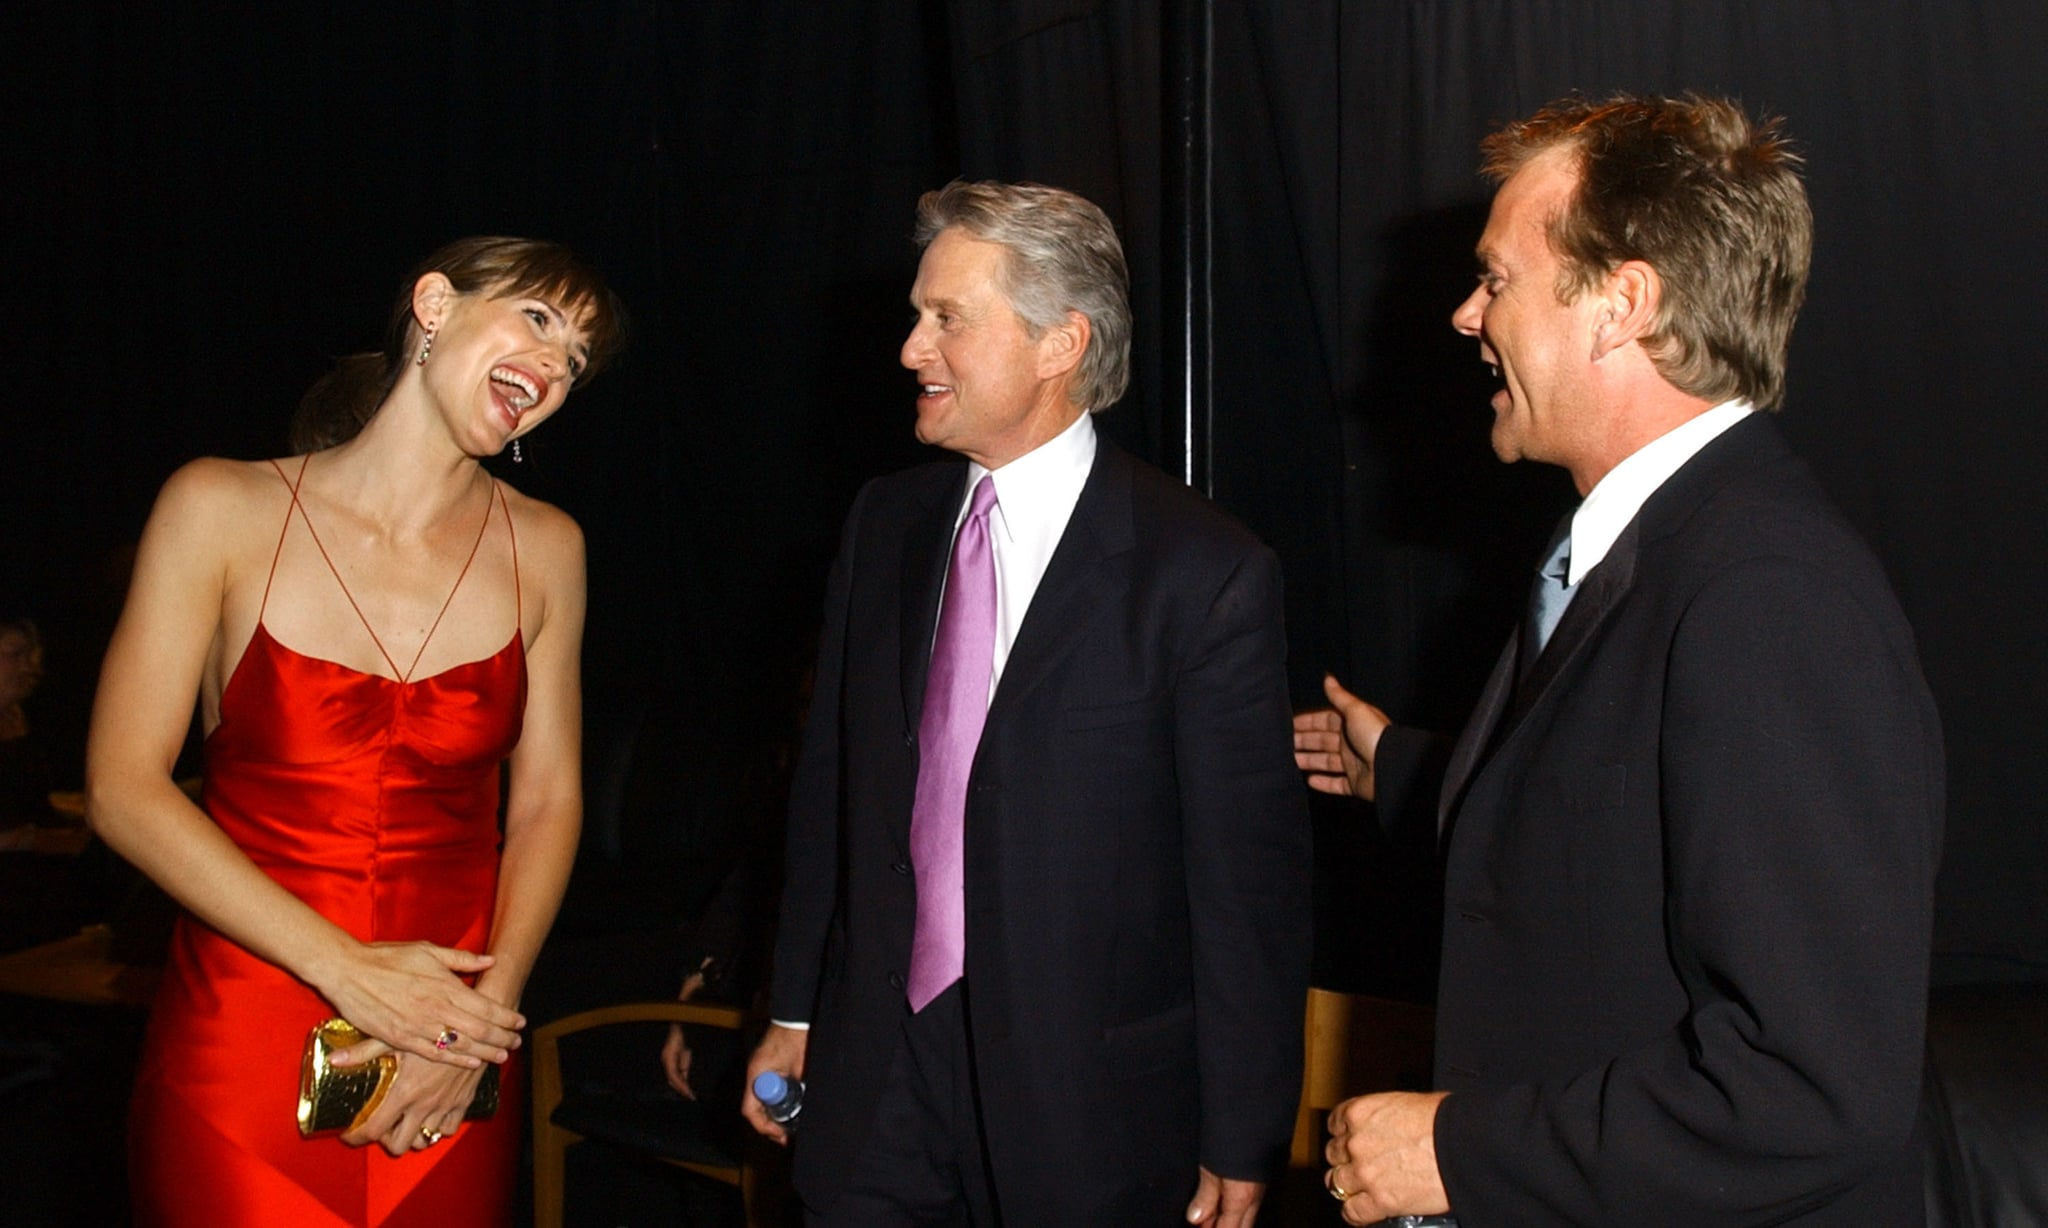 Jennifer Garner, Michael Douglas, and Kiefer Sutherland shared a moment backstage in 2004.